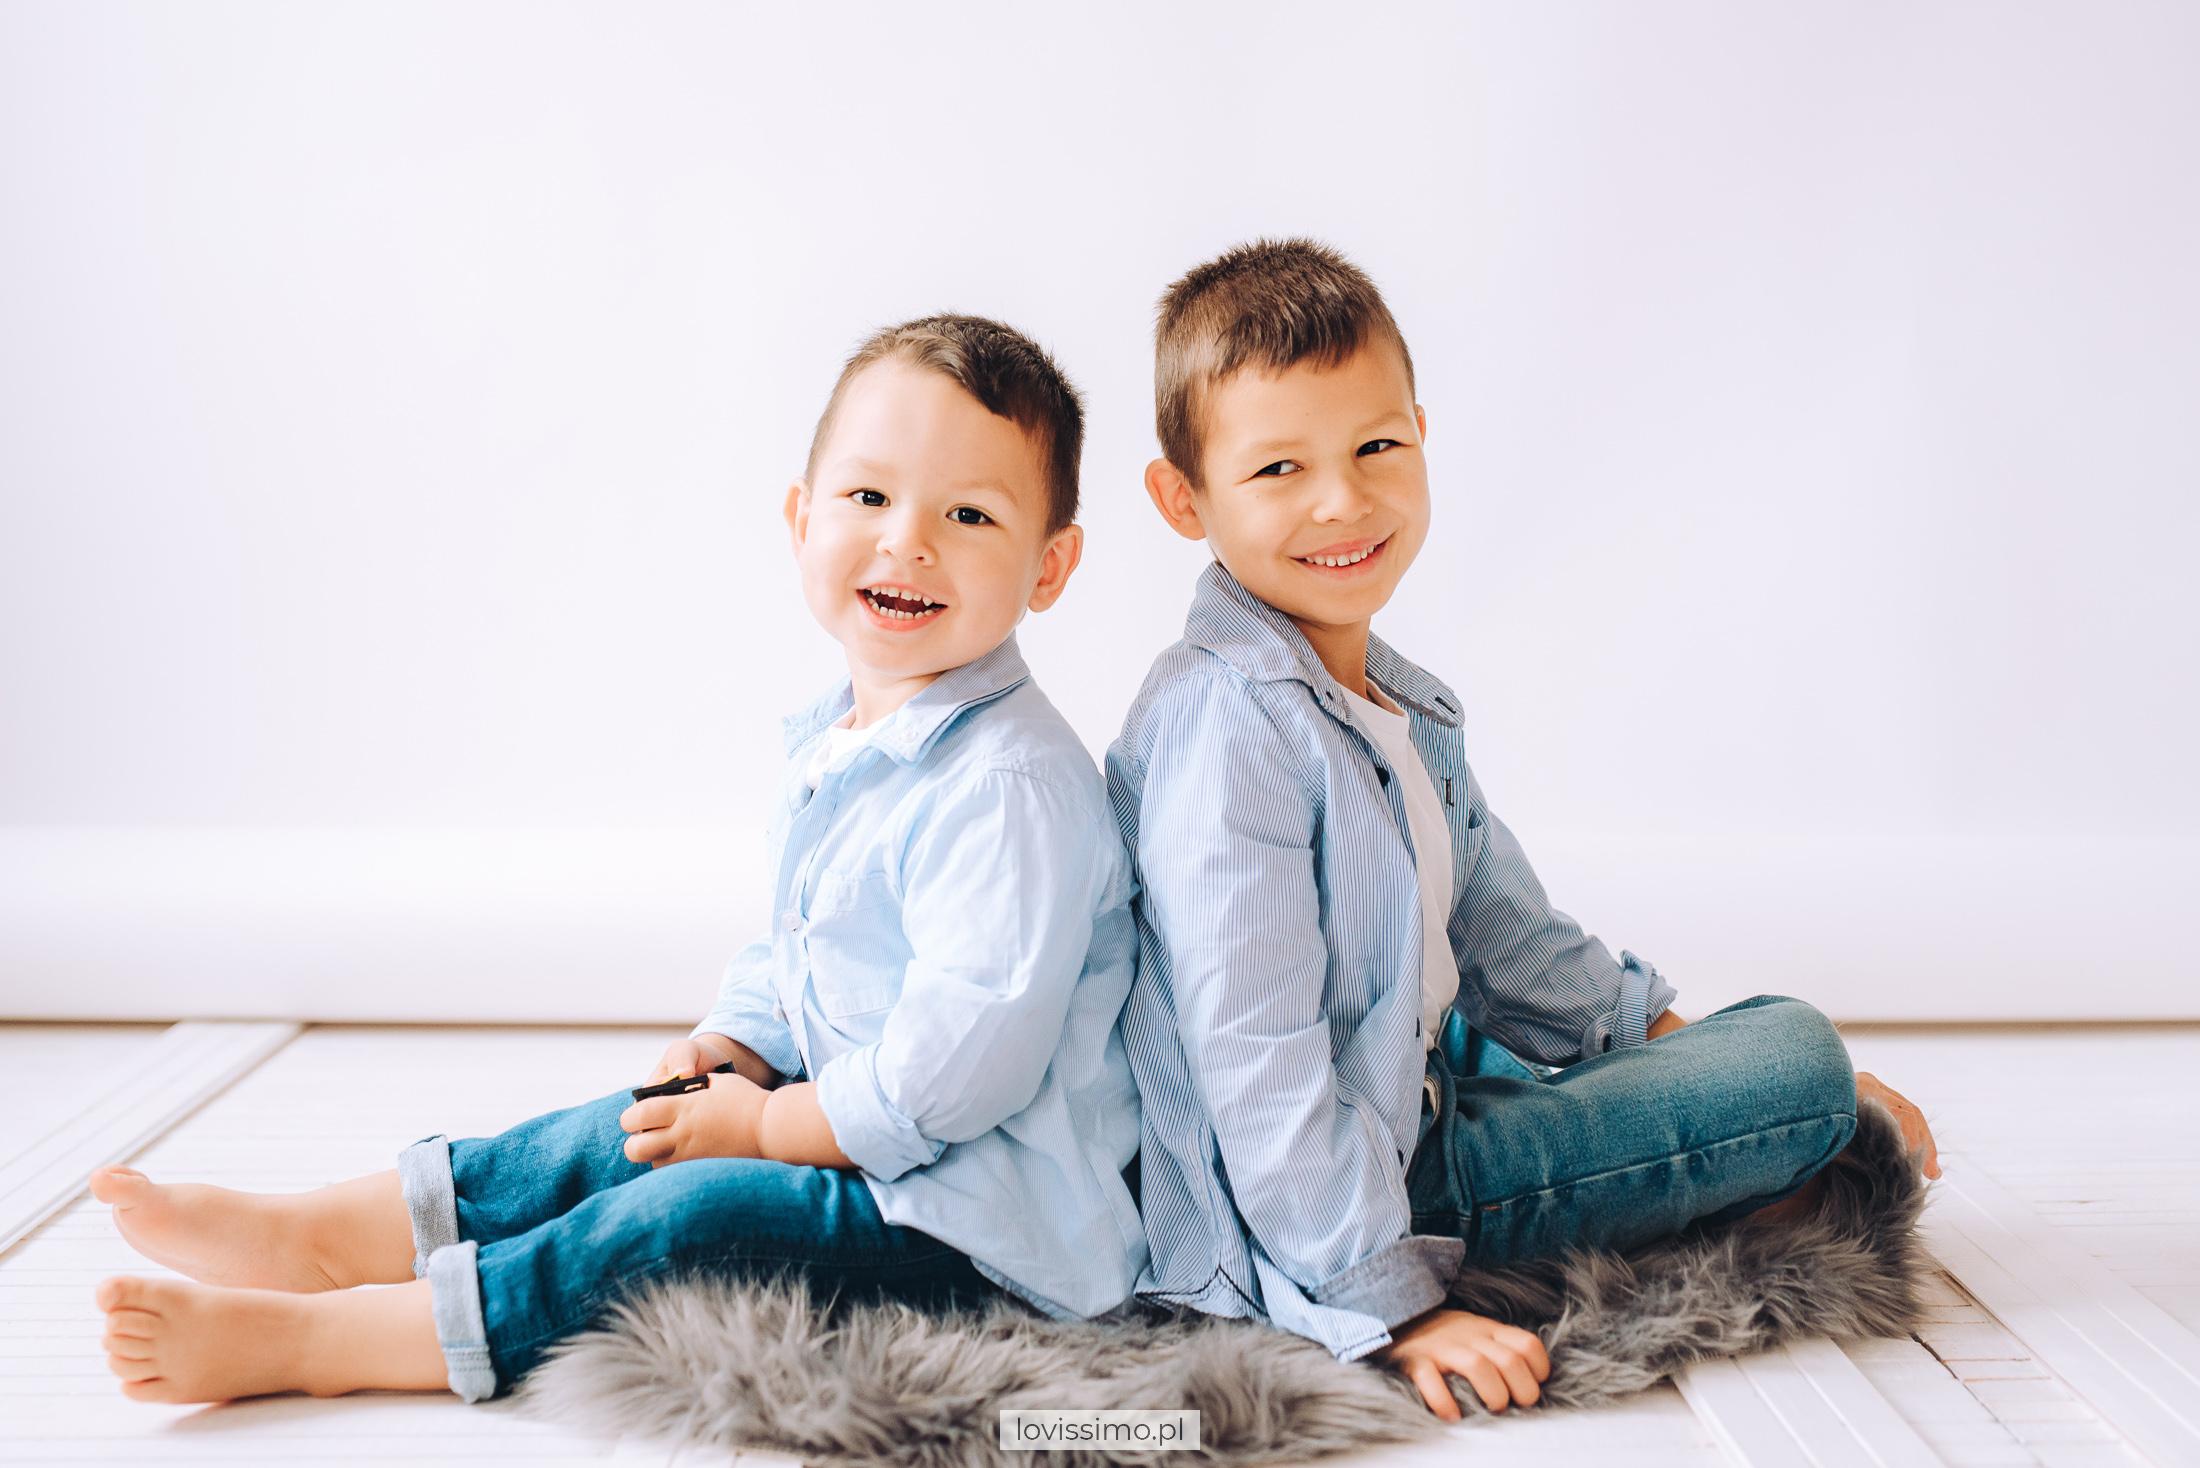 Sesja rodzinna w stylu skandynawskim. Rzeszów. Fotograf rodzinny, fotograf dziecięcy